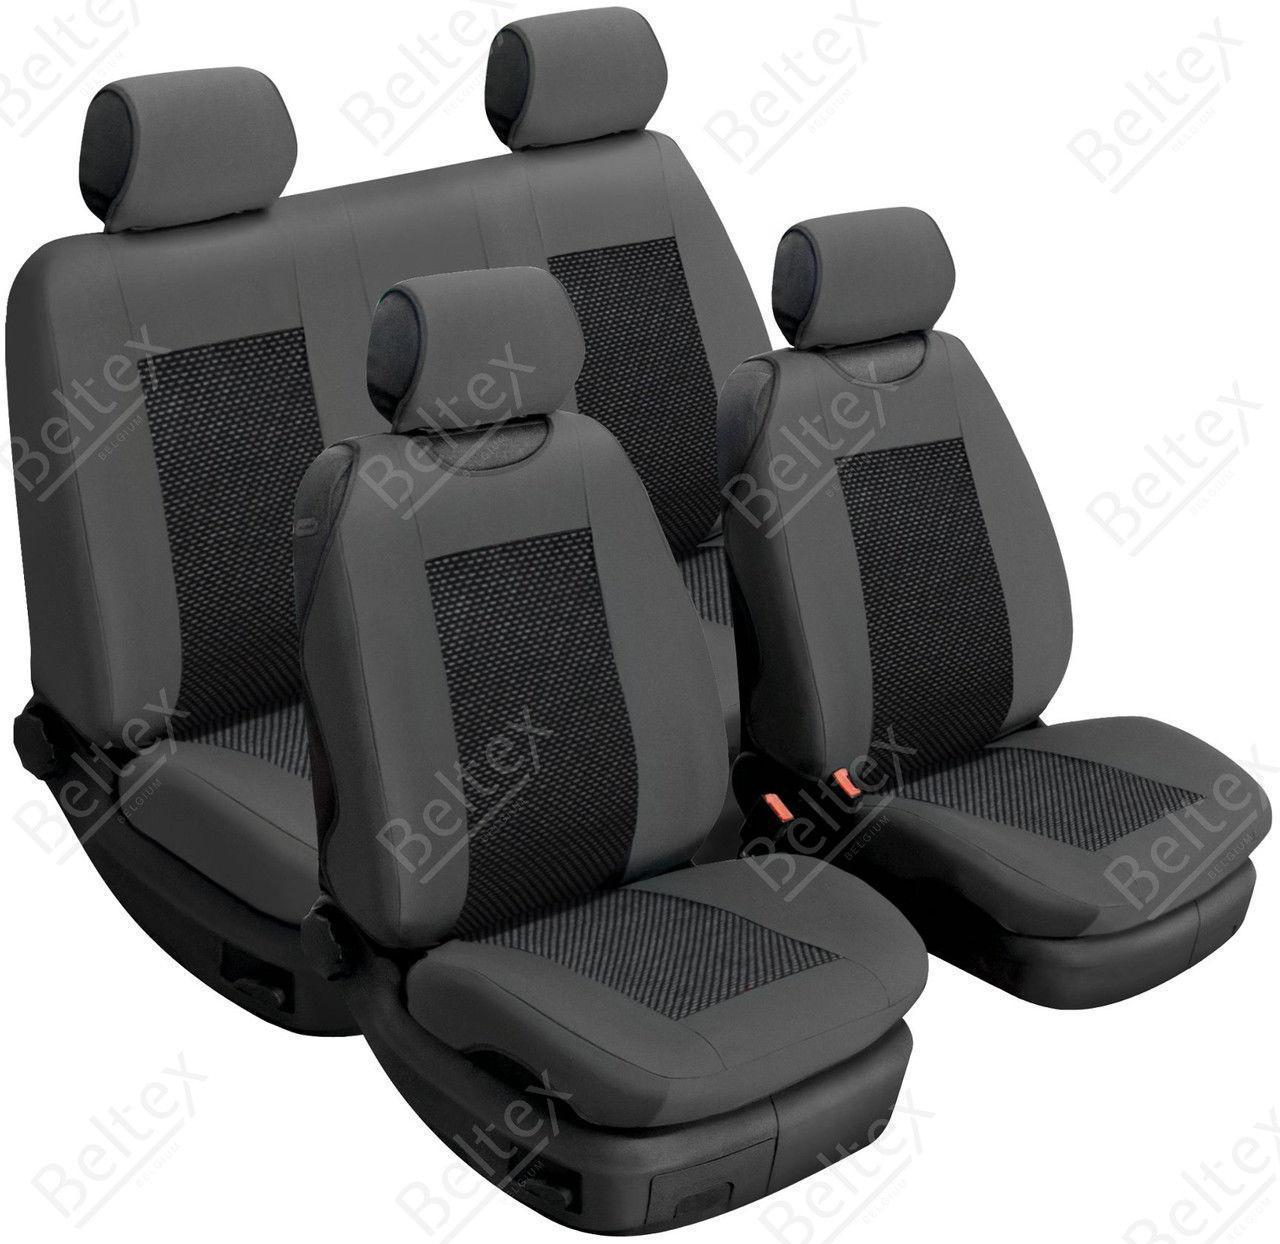 Майки/чехлы на сиденья Ниссан Кашкай Новый (Nissan Qashqai NEW)